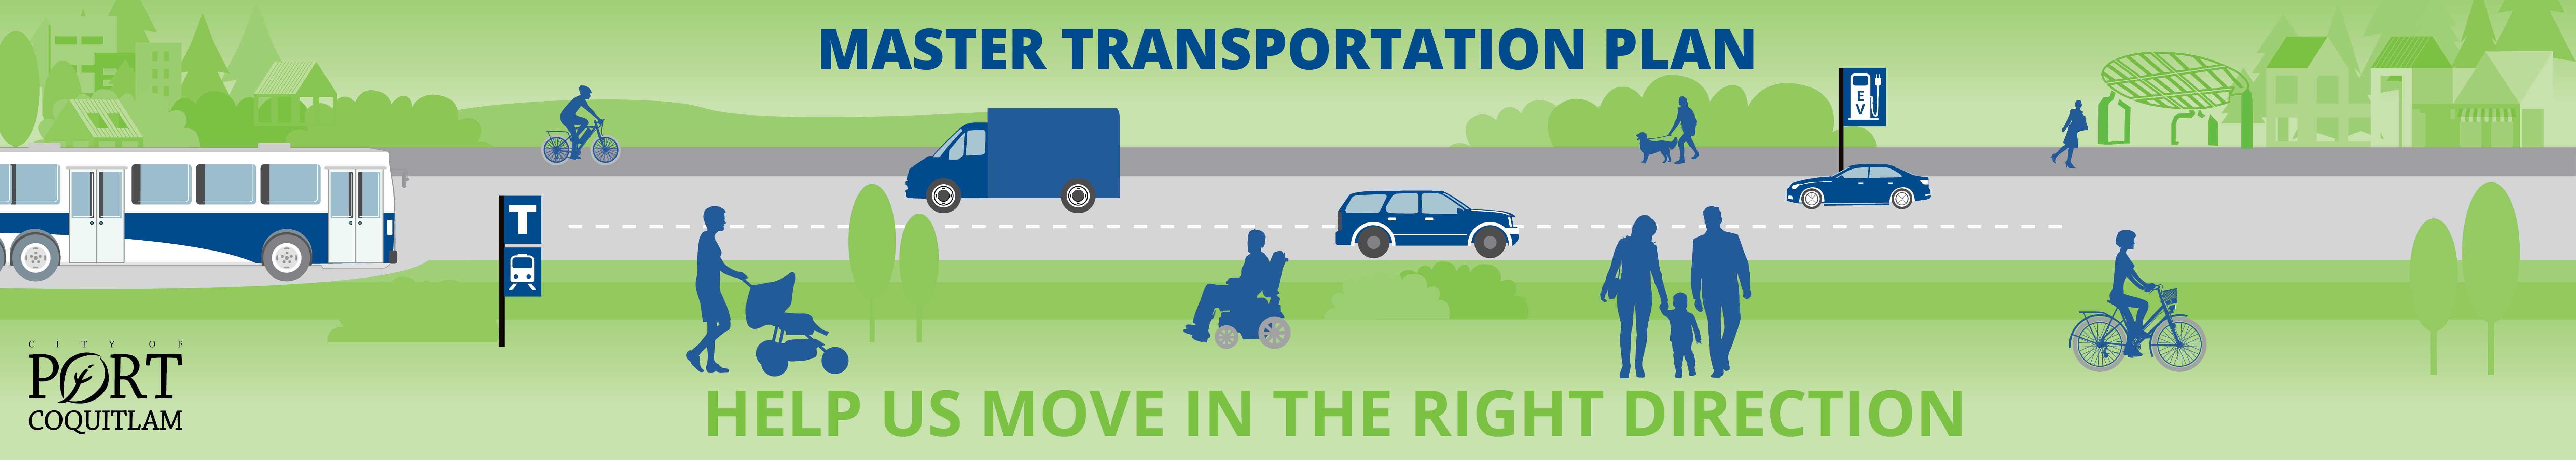 Master Transportation Plan Banner